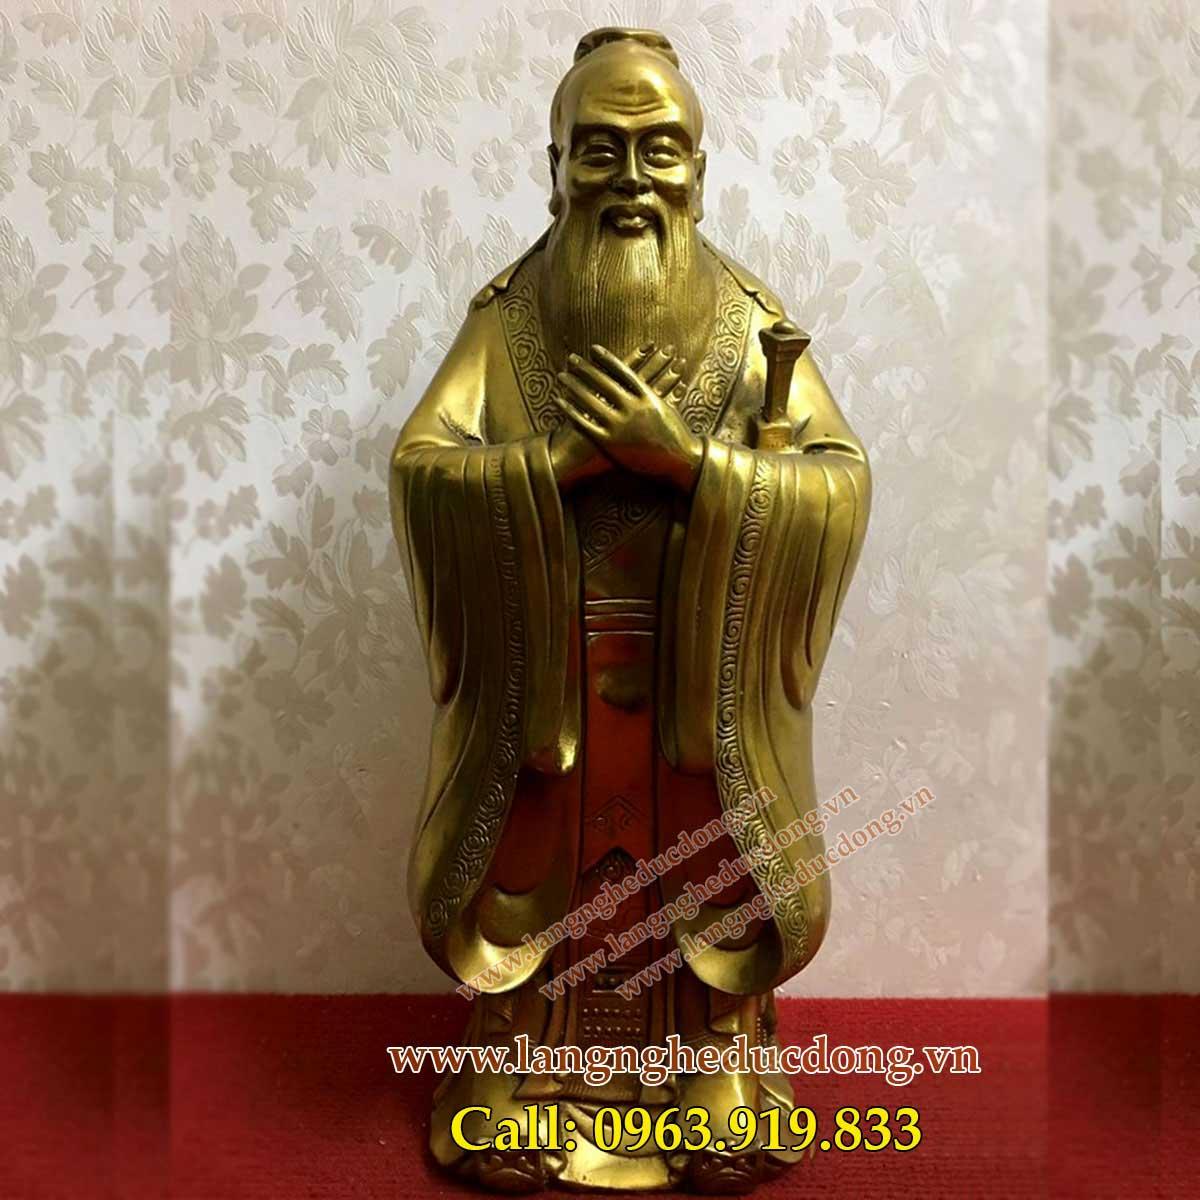 langngheducdong.vn - tượng khổng tử, tượng đồng, tượng danh nhân bằng đồng, đúc tượng đồng